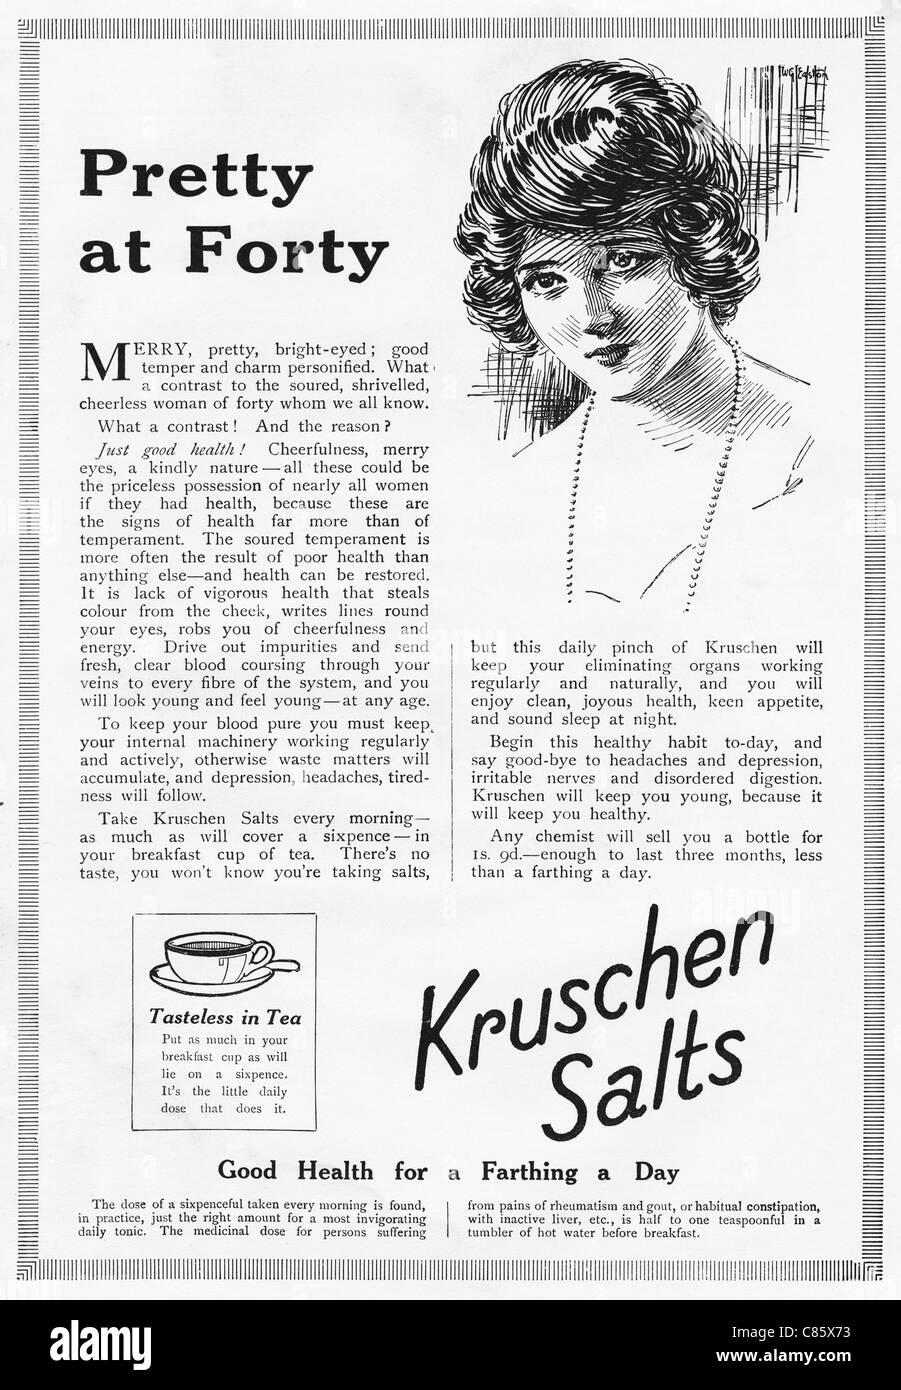 Original 1920s magazine advertisement advertising KRUSCHEN